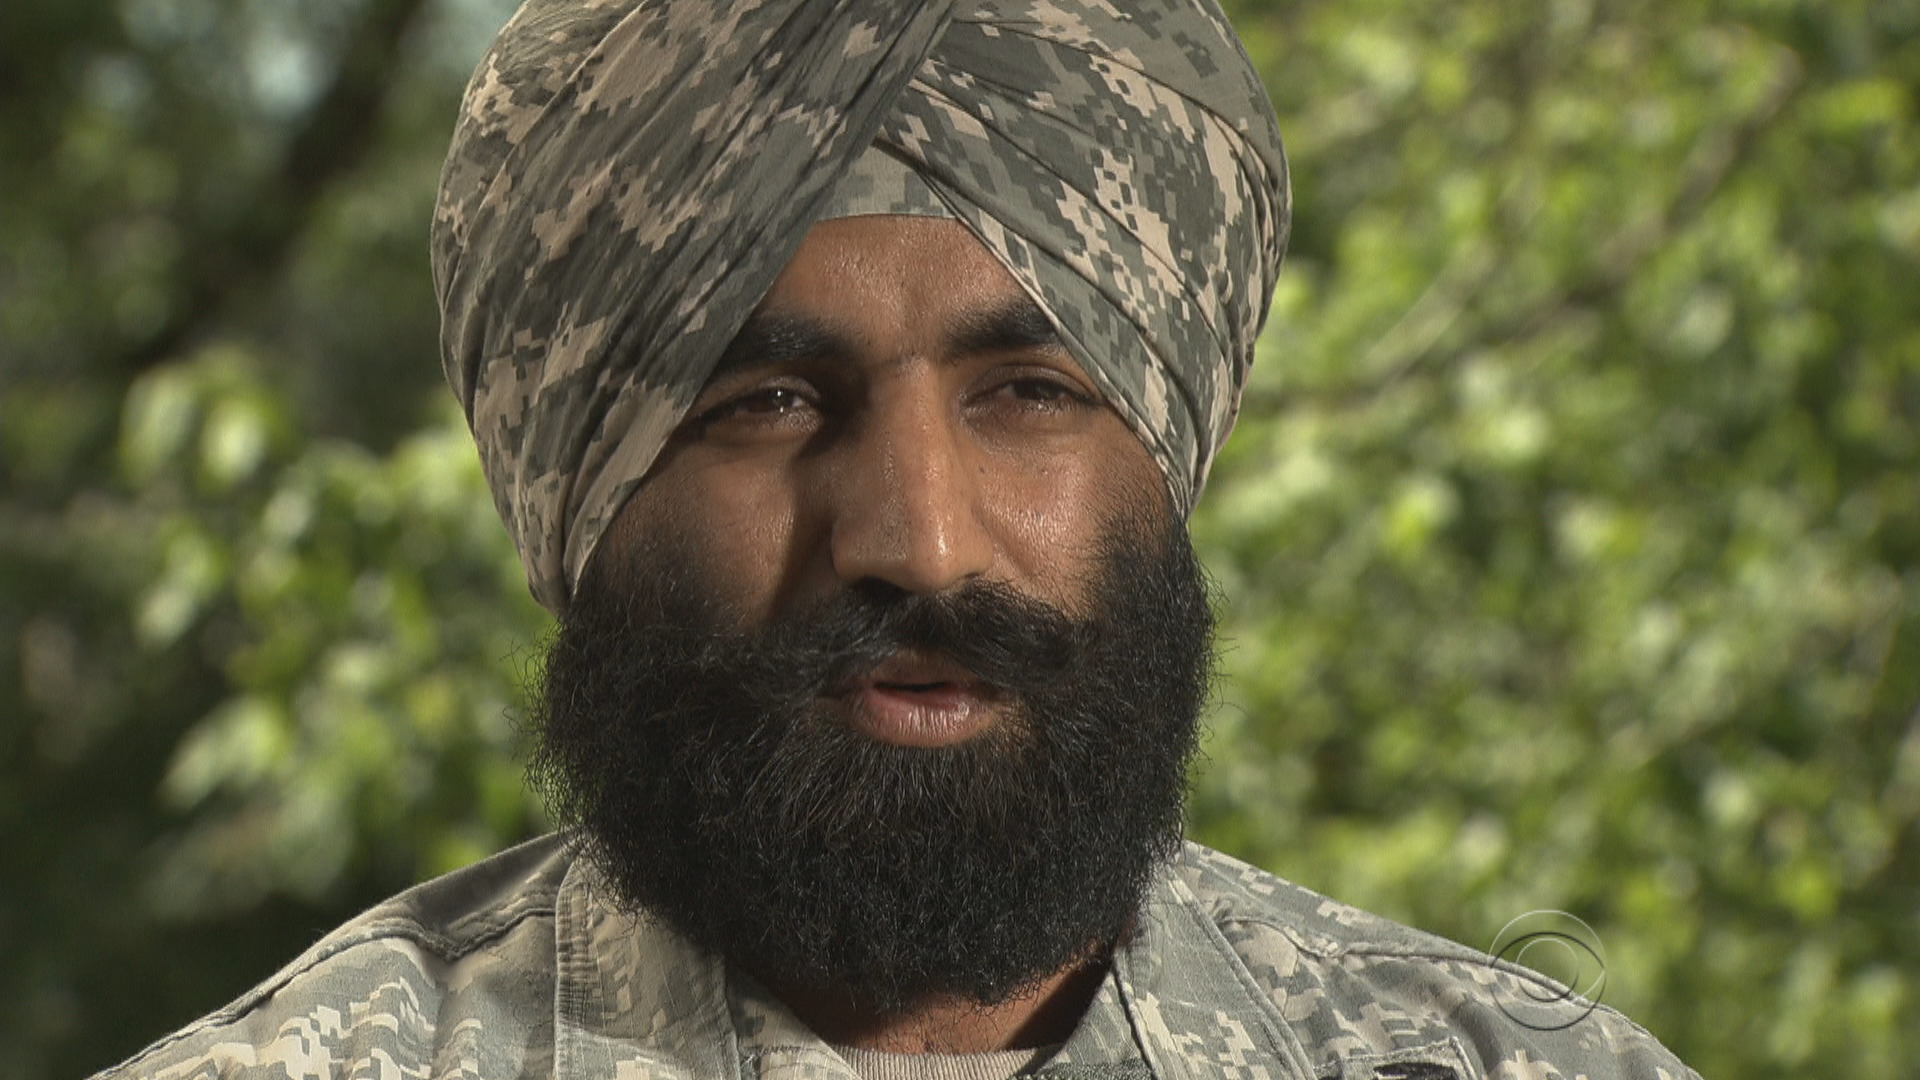 U Beard Sikh U.S. Army captain...